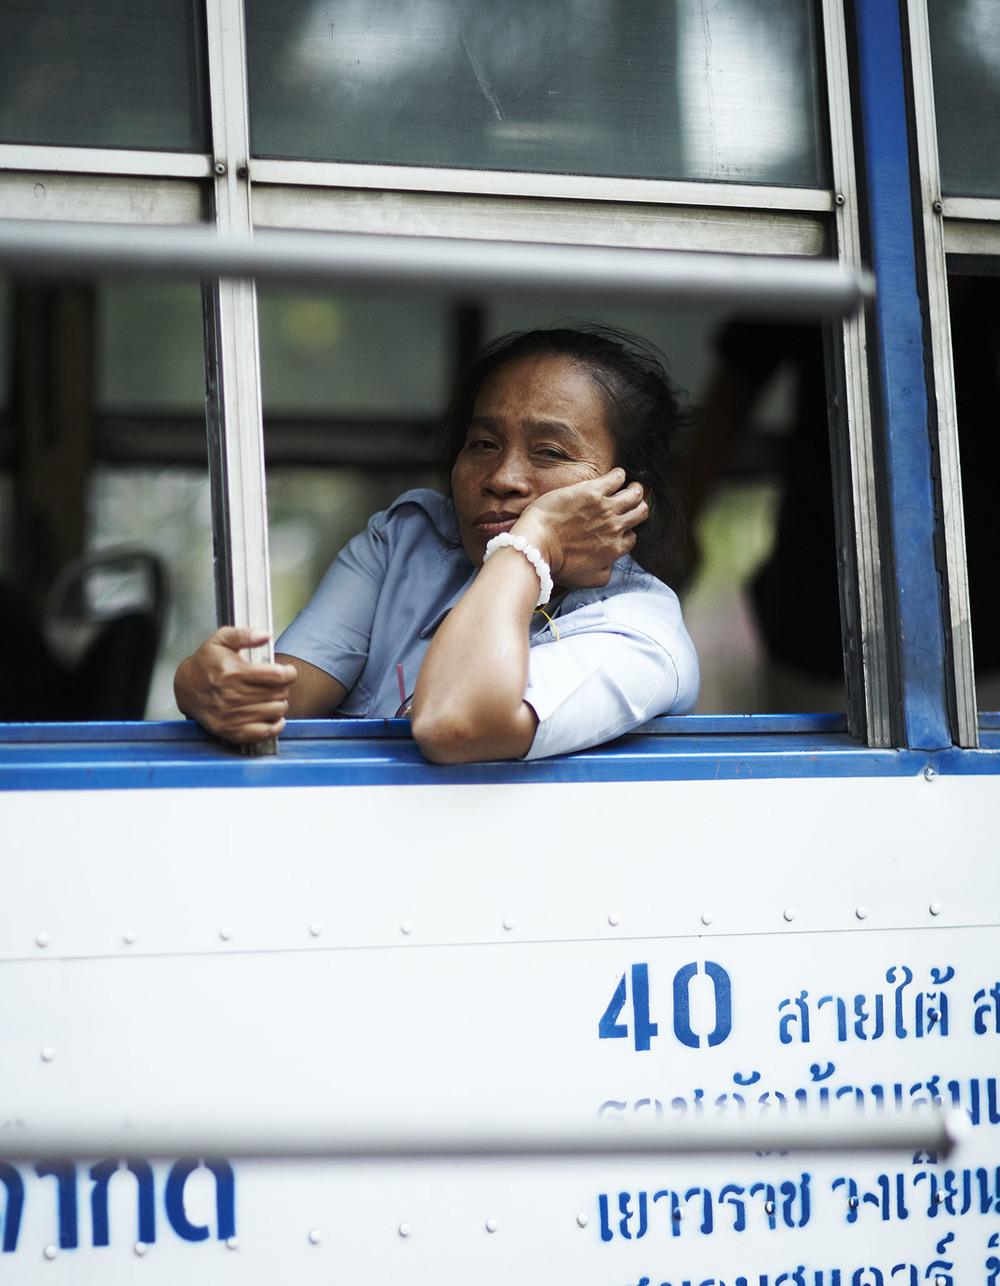 101216_Bangkok_people_0372.jpg